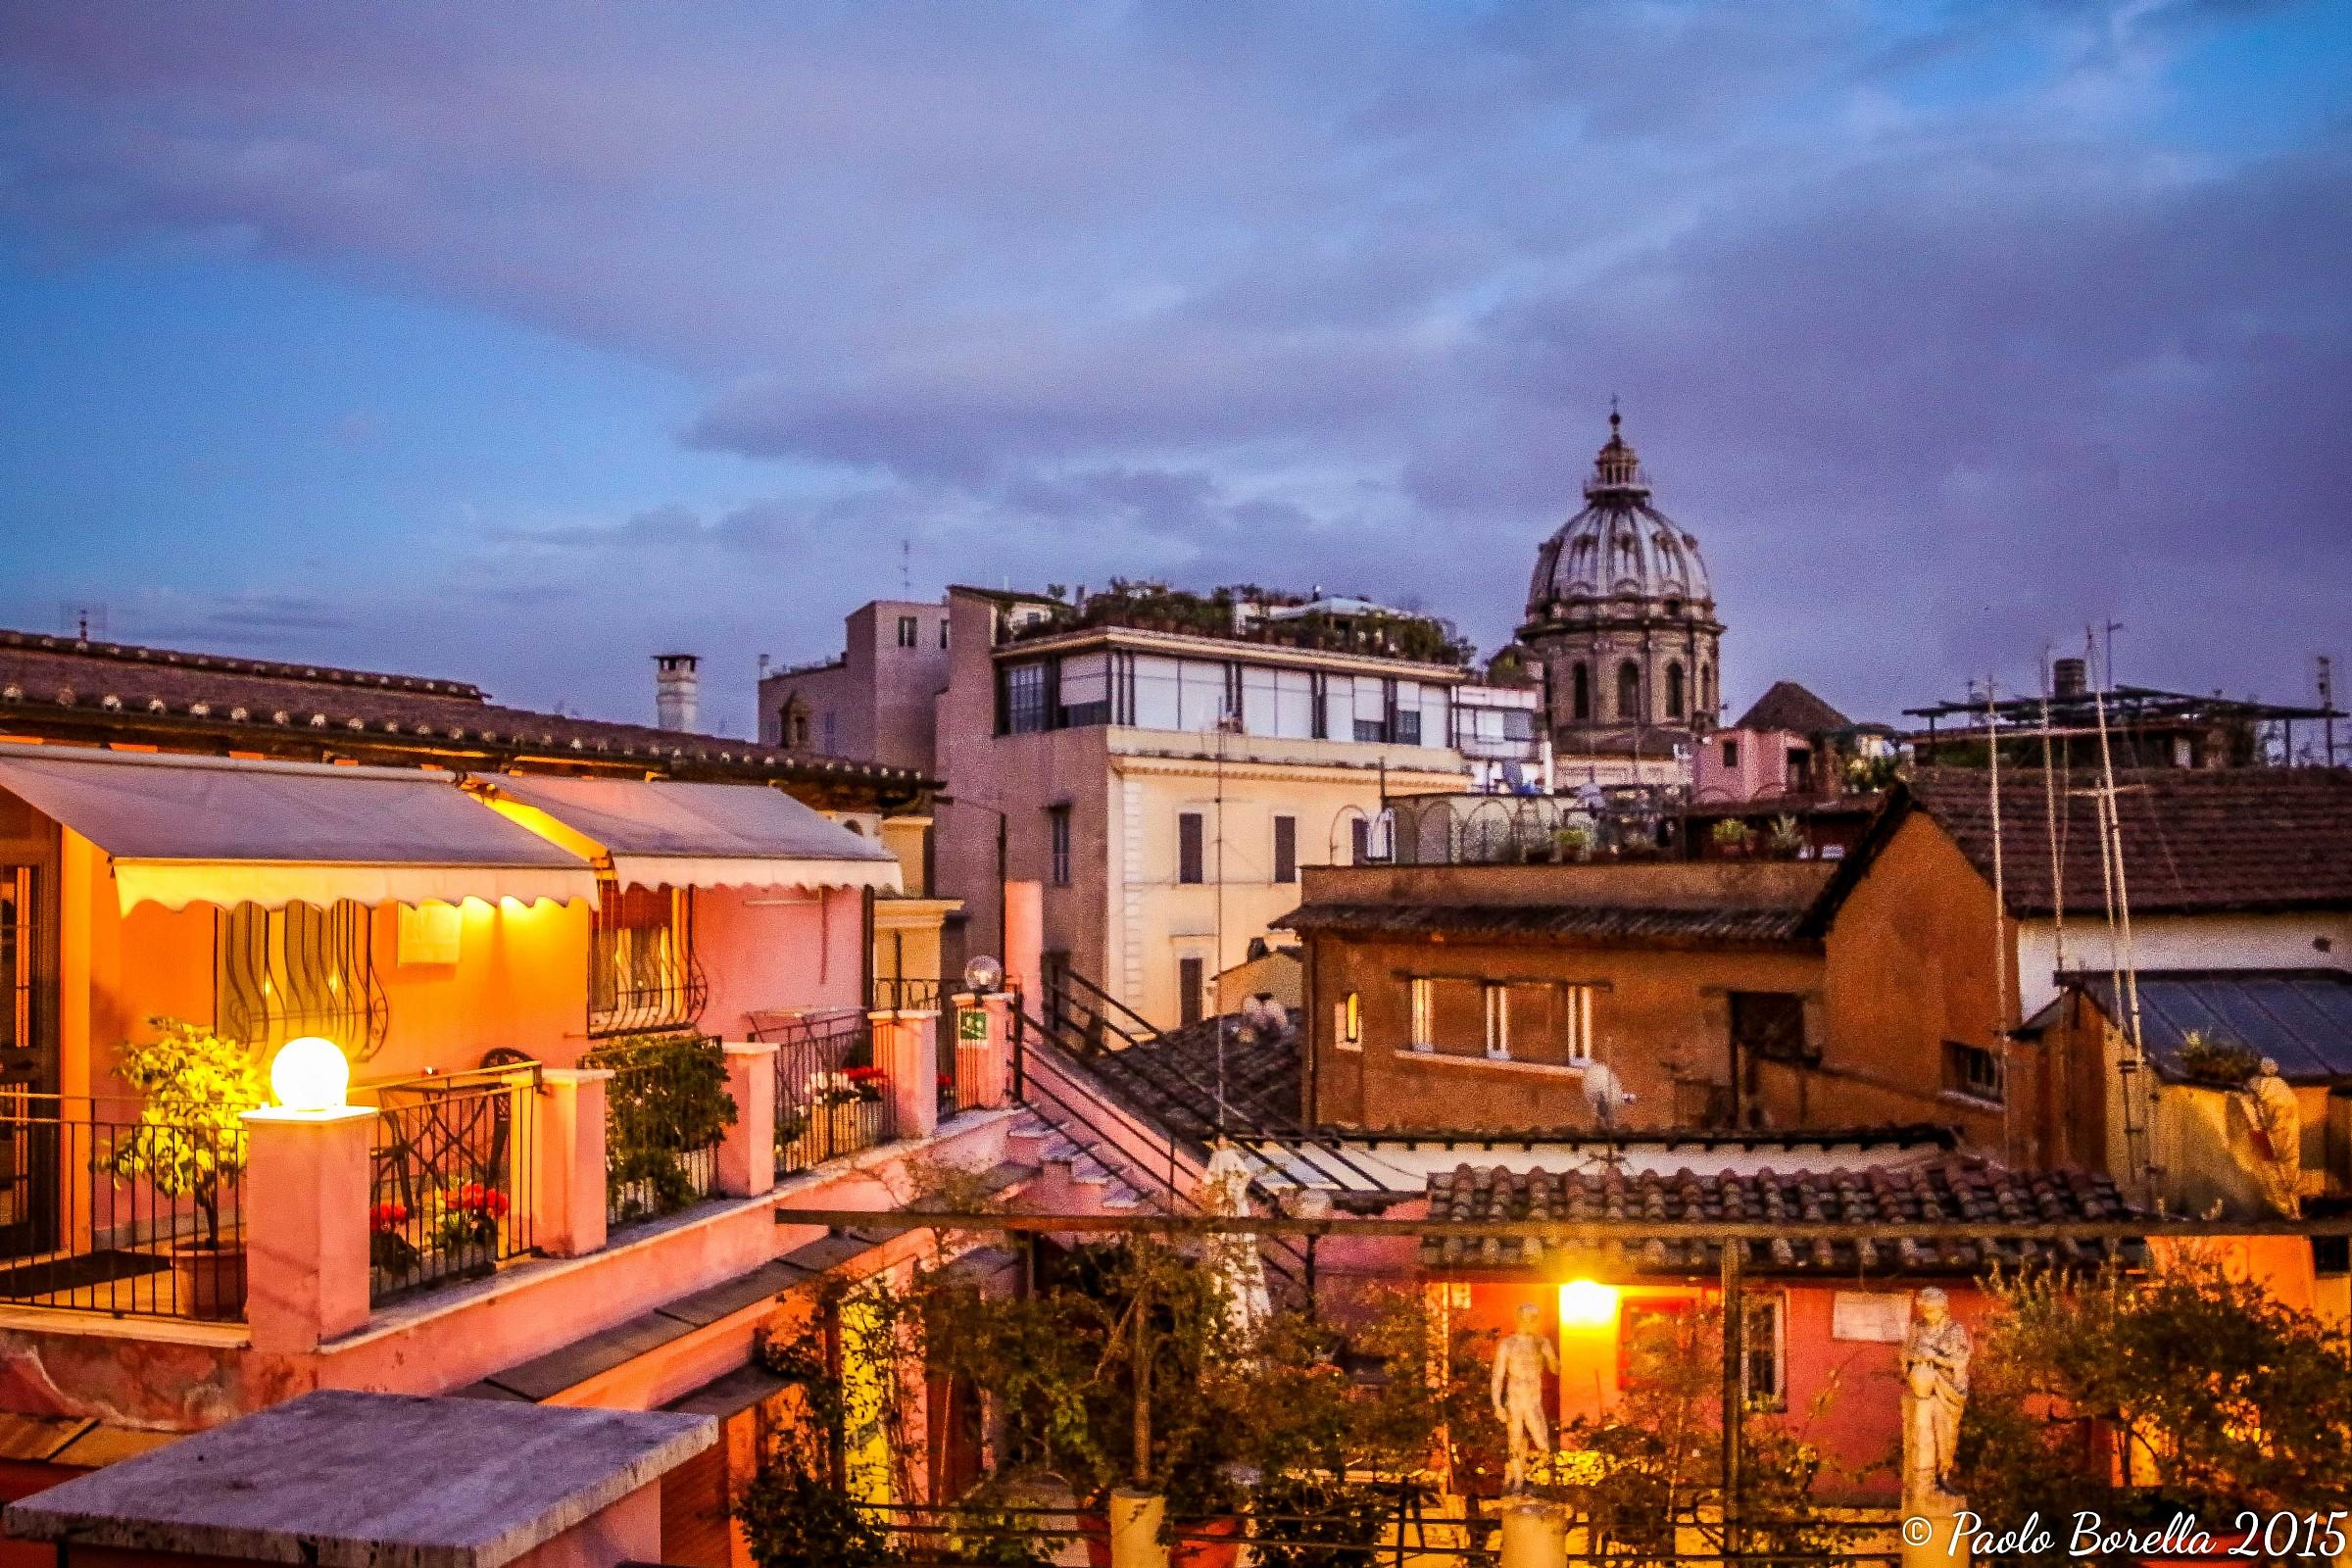 Rome blue hour...